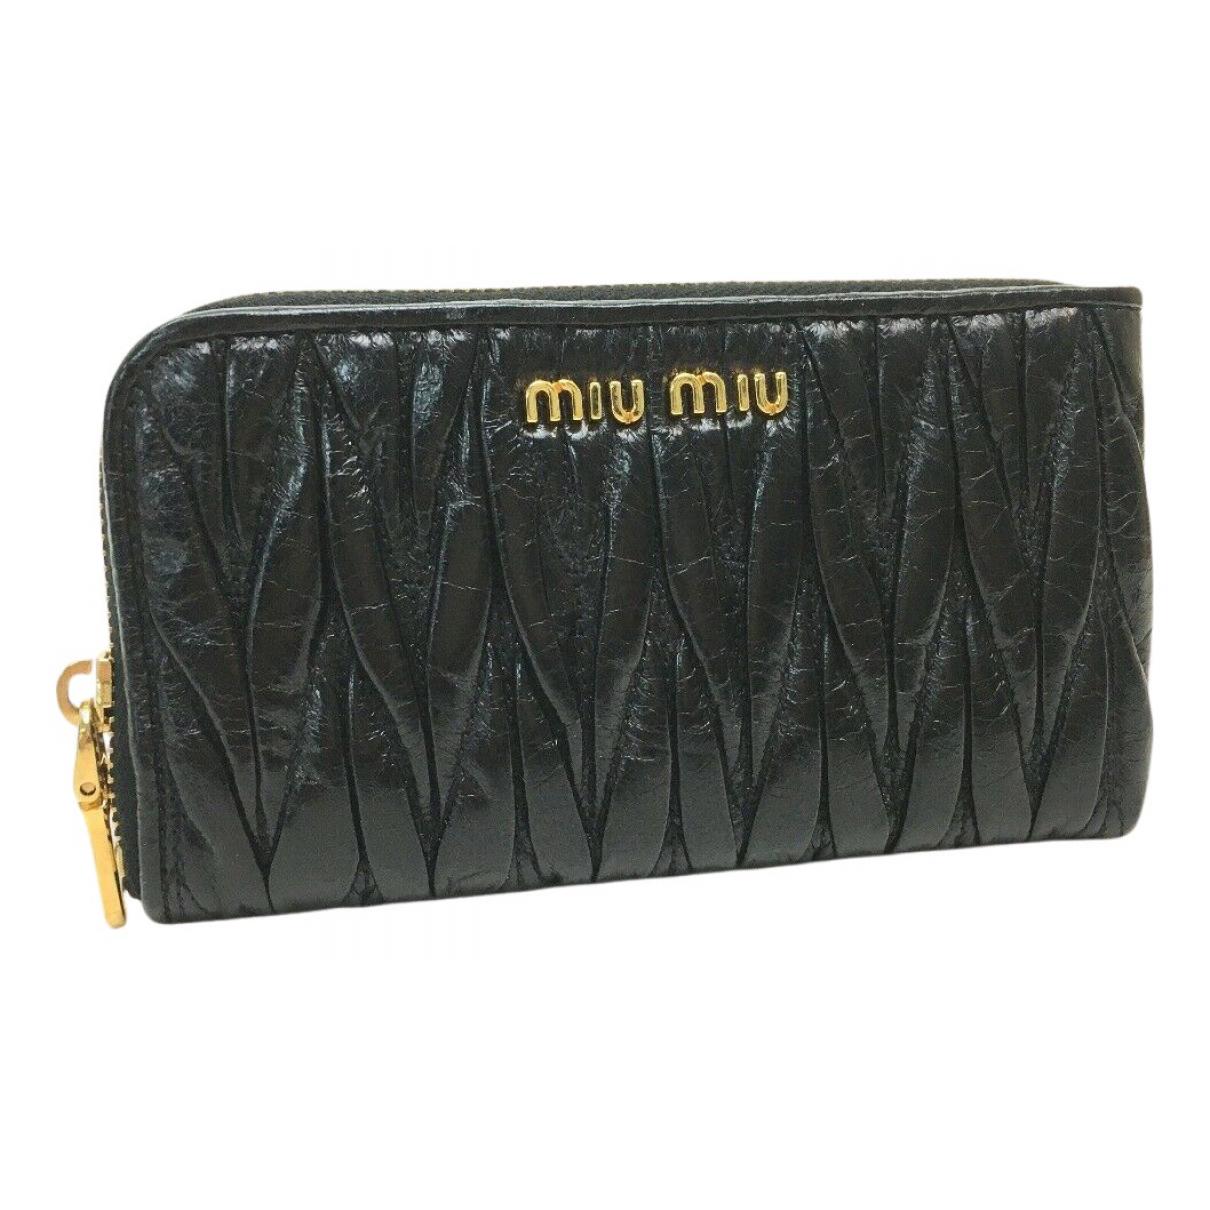 Miu Miu \N Portemonnaie in  Schwarz Lackleder